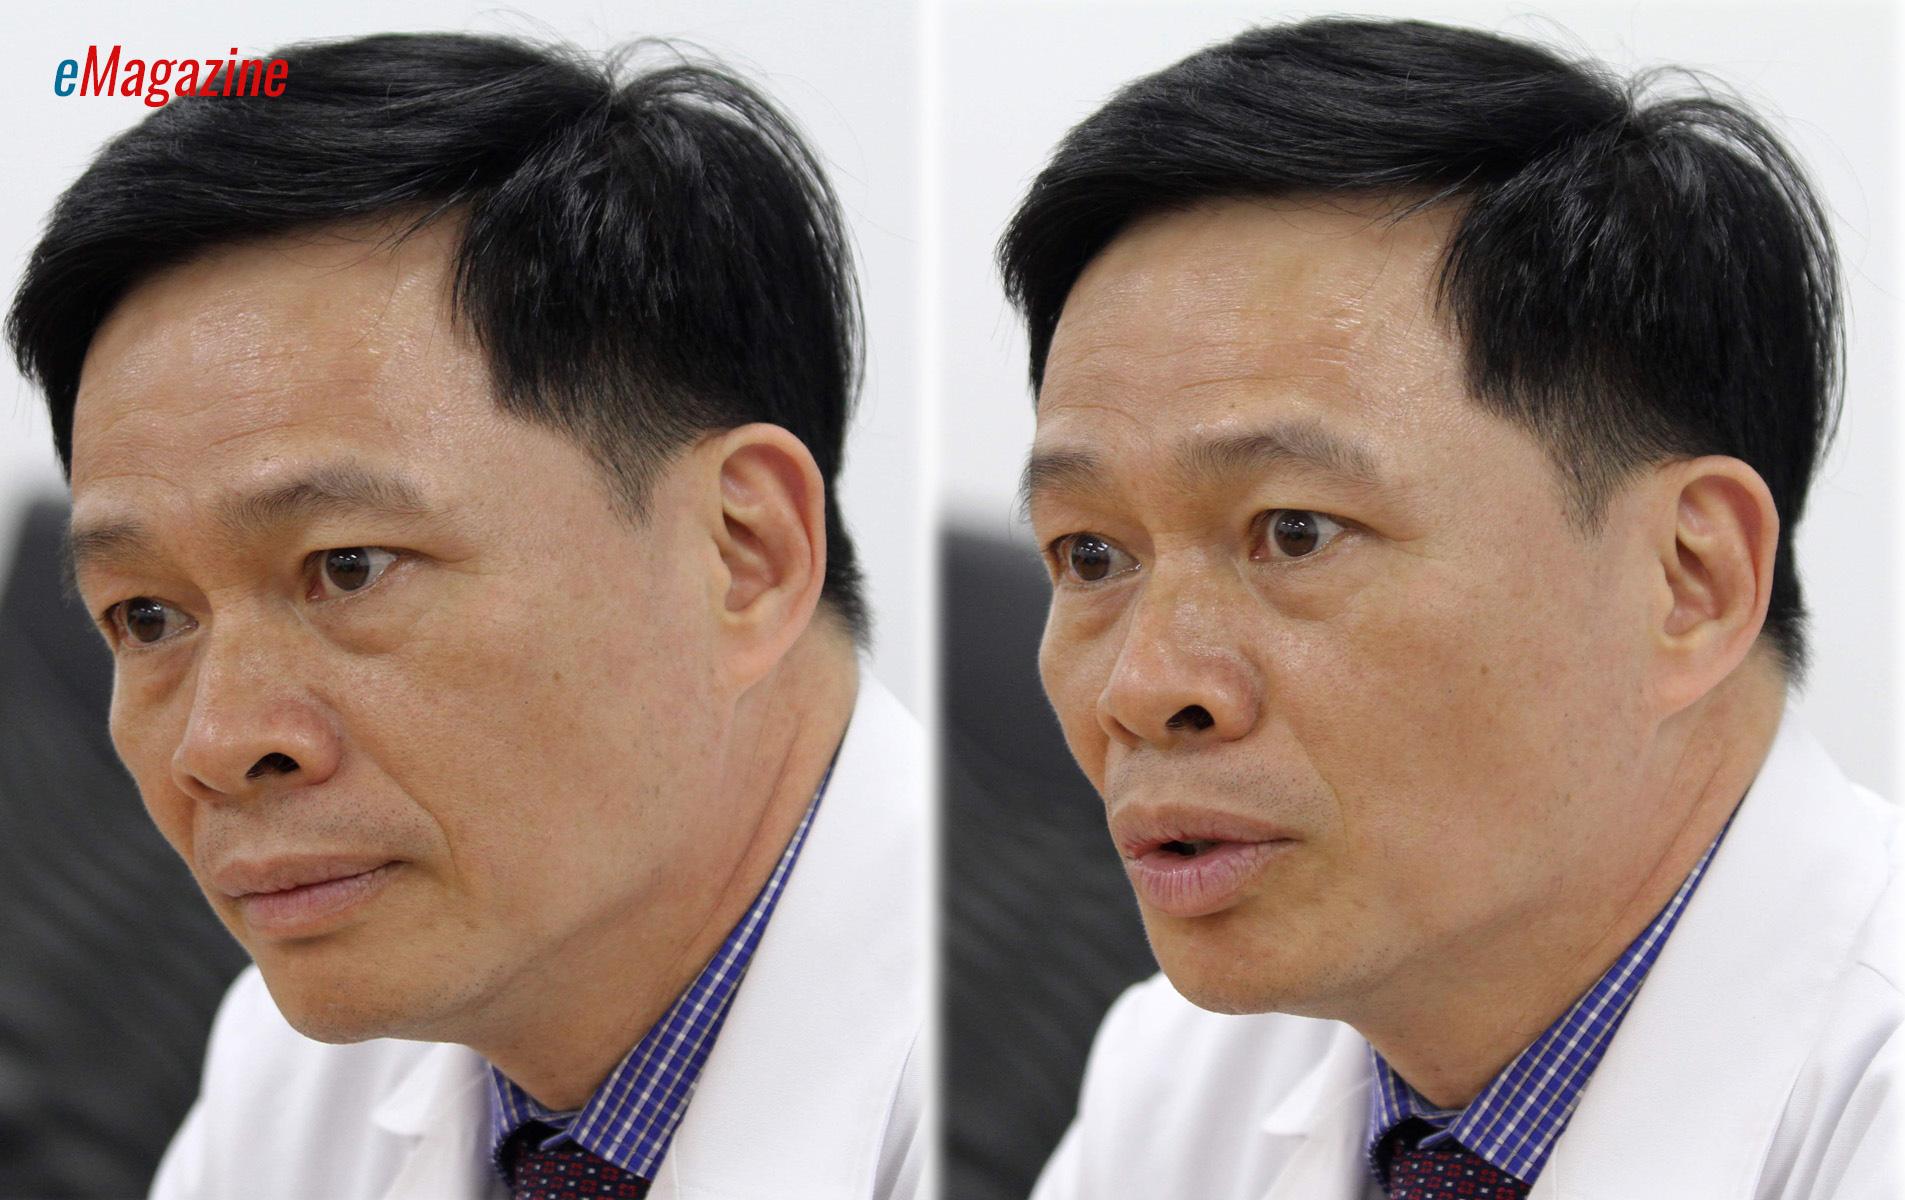 Kỳ tích bác sĩ Việt: Chuyện chưa kể về ca ghép chi đầu tiên trên thế giới từ người cho còn sống - Ảnh 11.